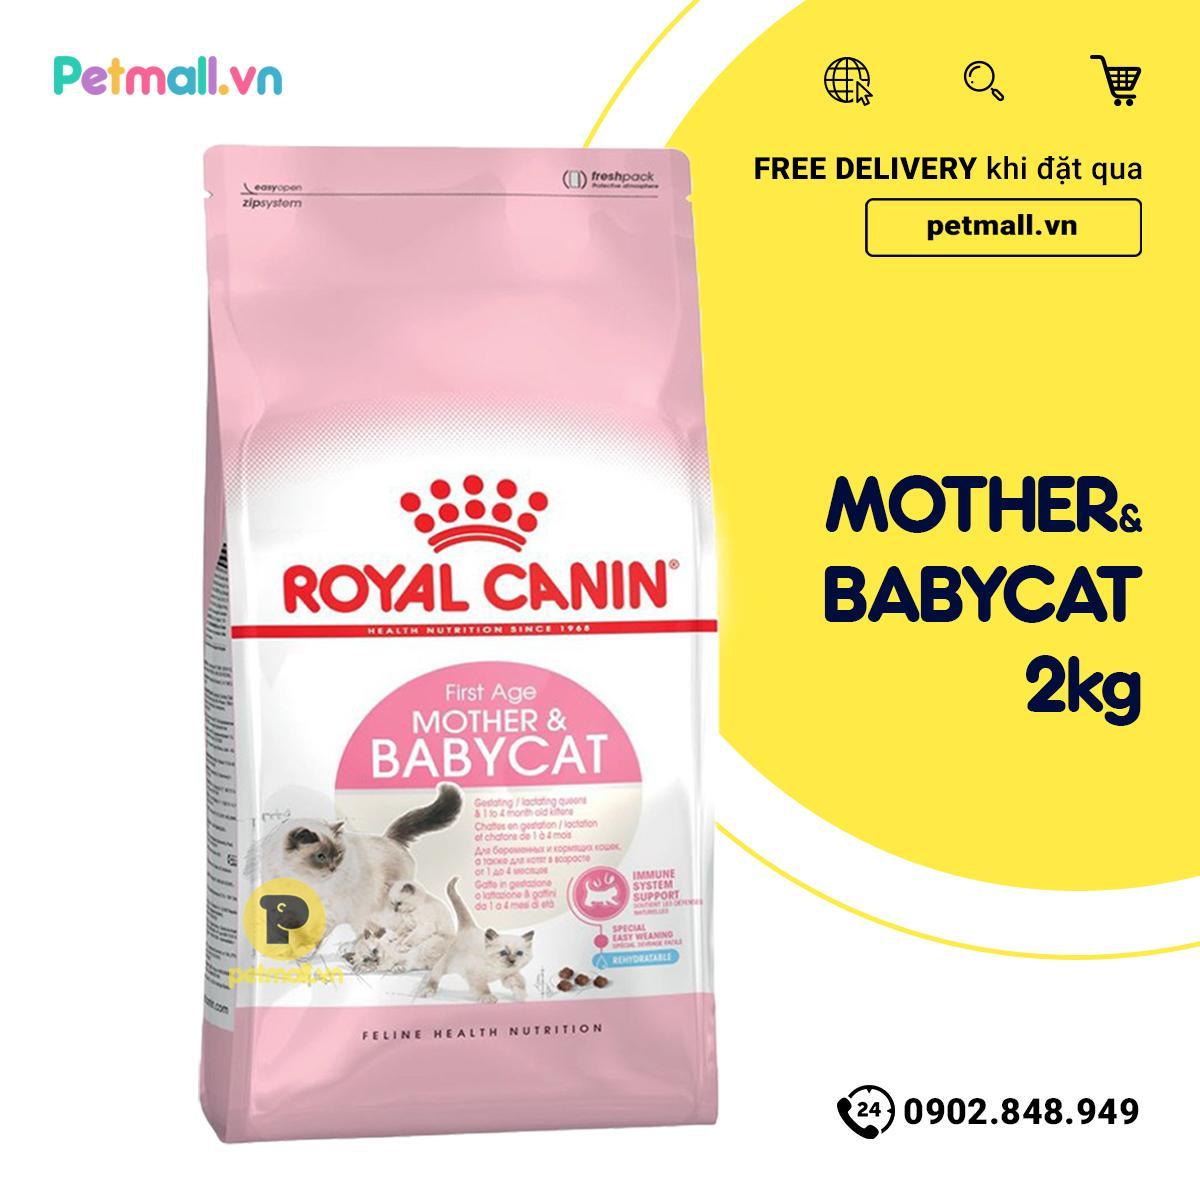 Siêu Tiết Kiệm Khi Mua Thức ăn Mèo Royal Canin MOTHER & BabyCat 2kg